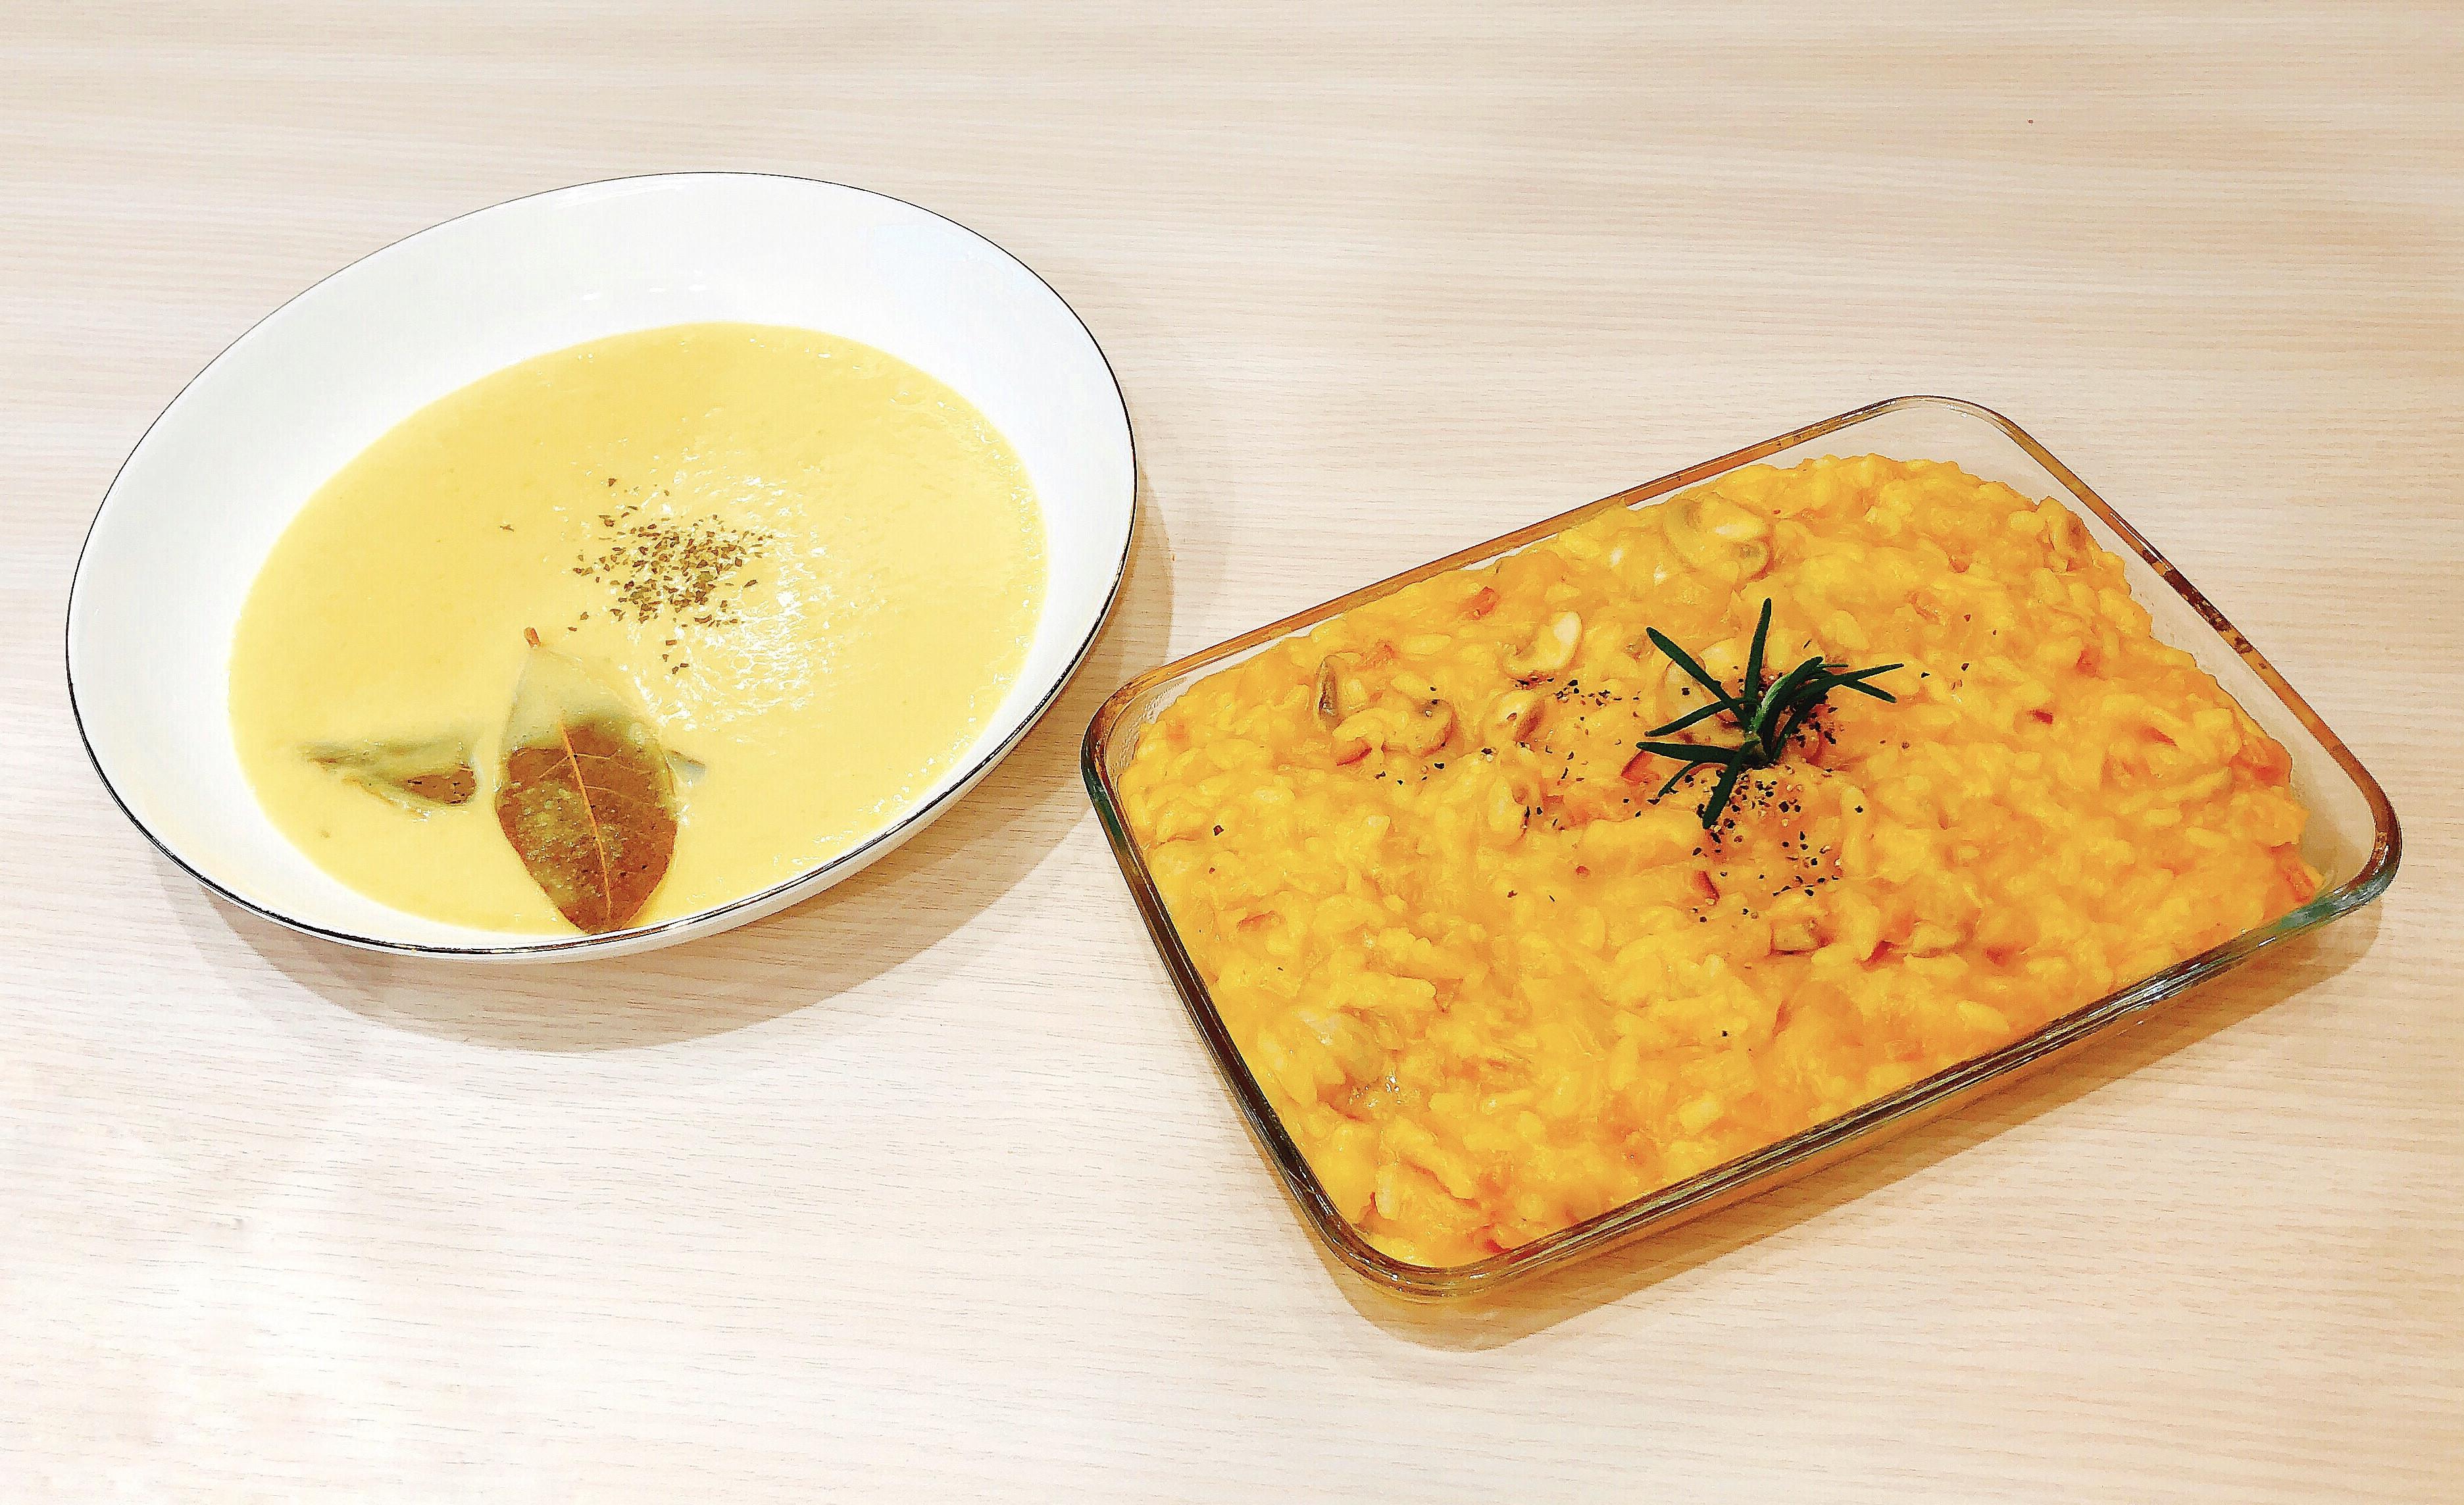 南瓜濃湯+南瓜燉飯=清冰箱料理